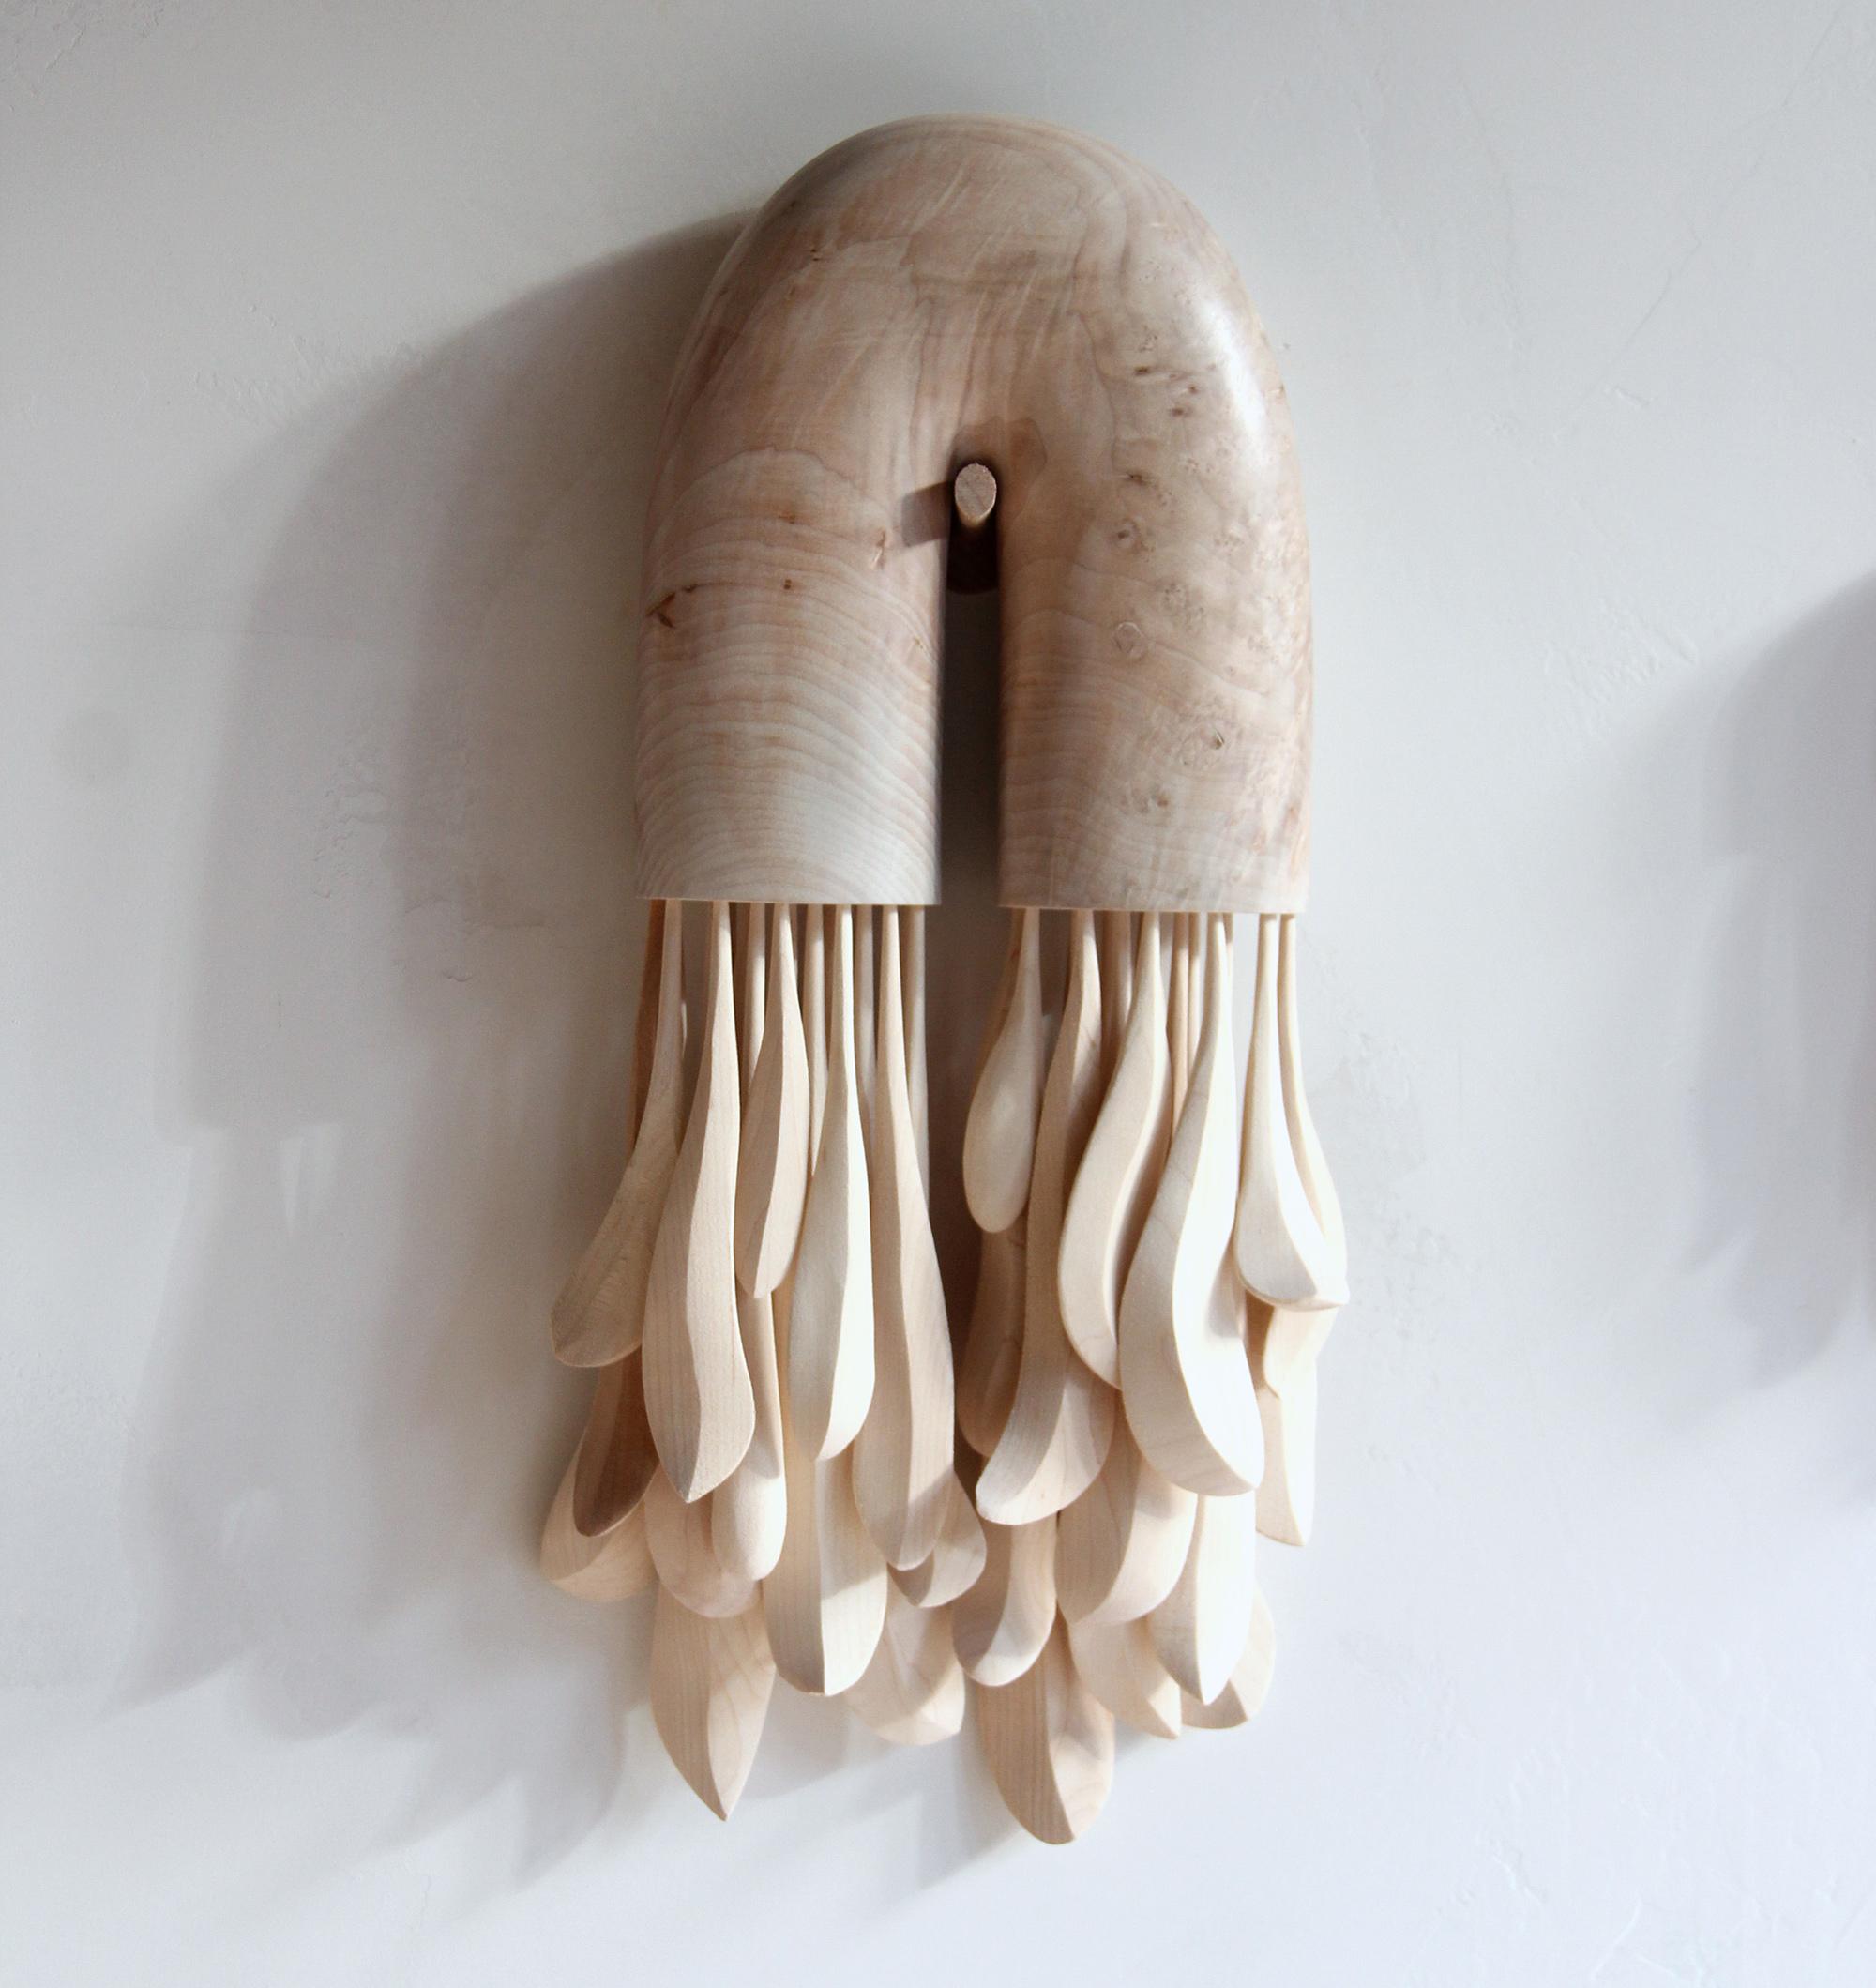 Curvas Suaves e Espaço Negativo em Esculturas de Madeira de Ariele Alasko Artes & contextos alasko 2